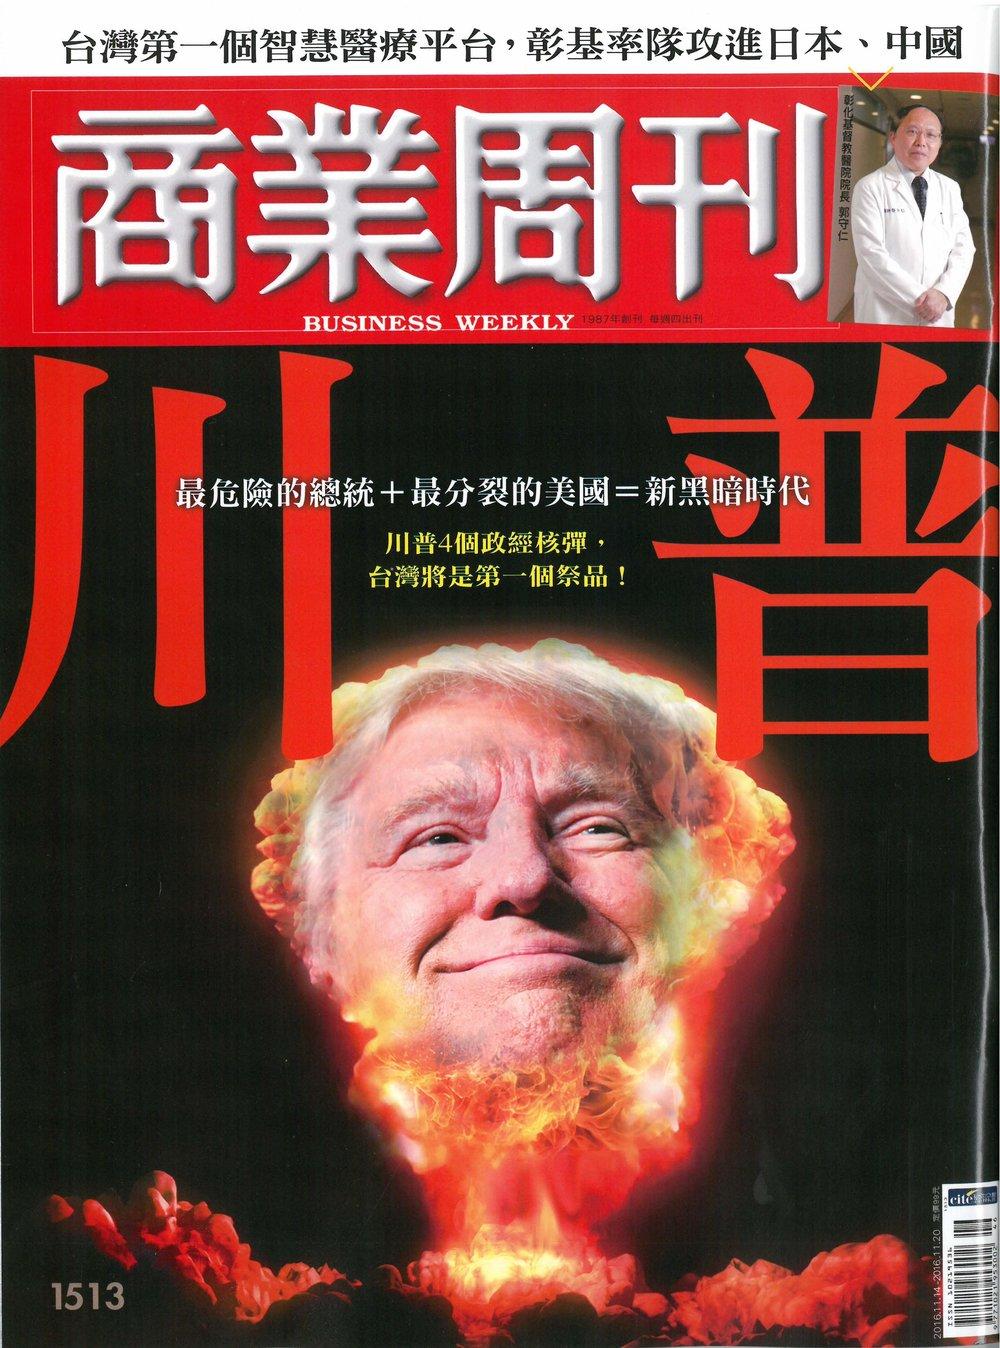 2016年11月14日_品牌的起心動念_商業週刊_頁面_1.jpg